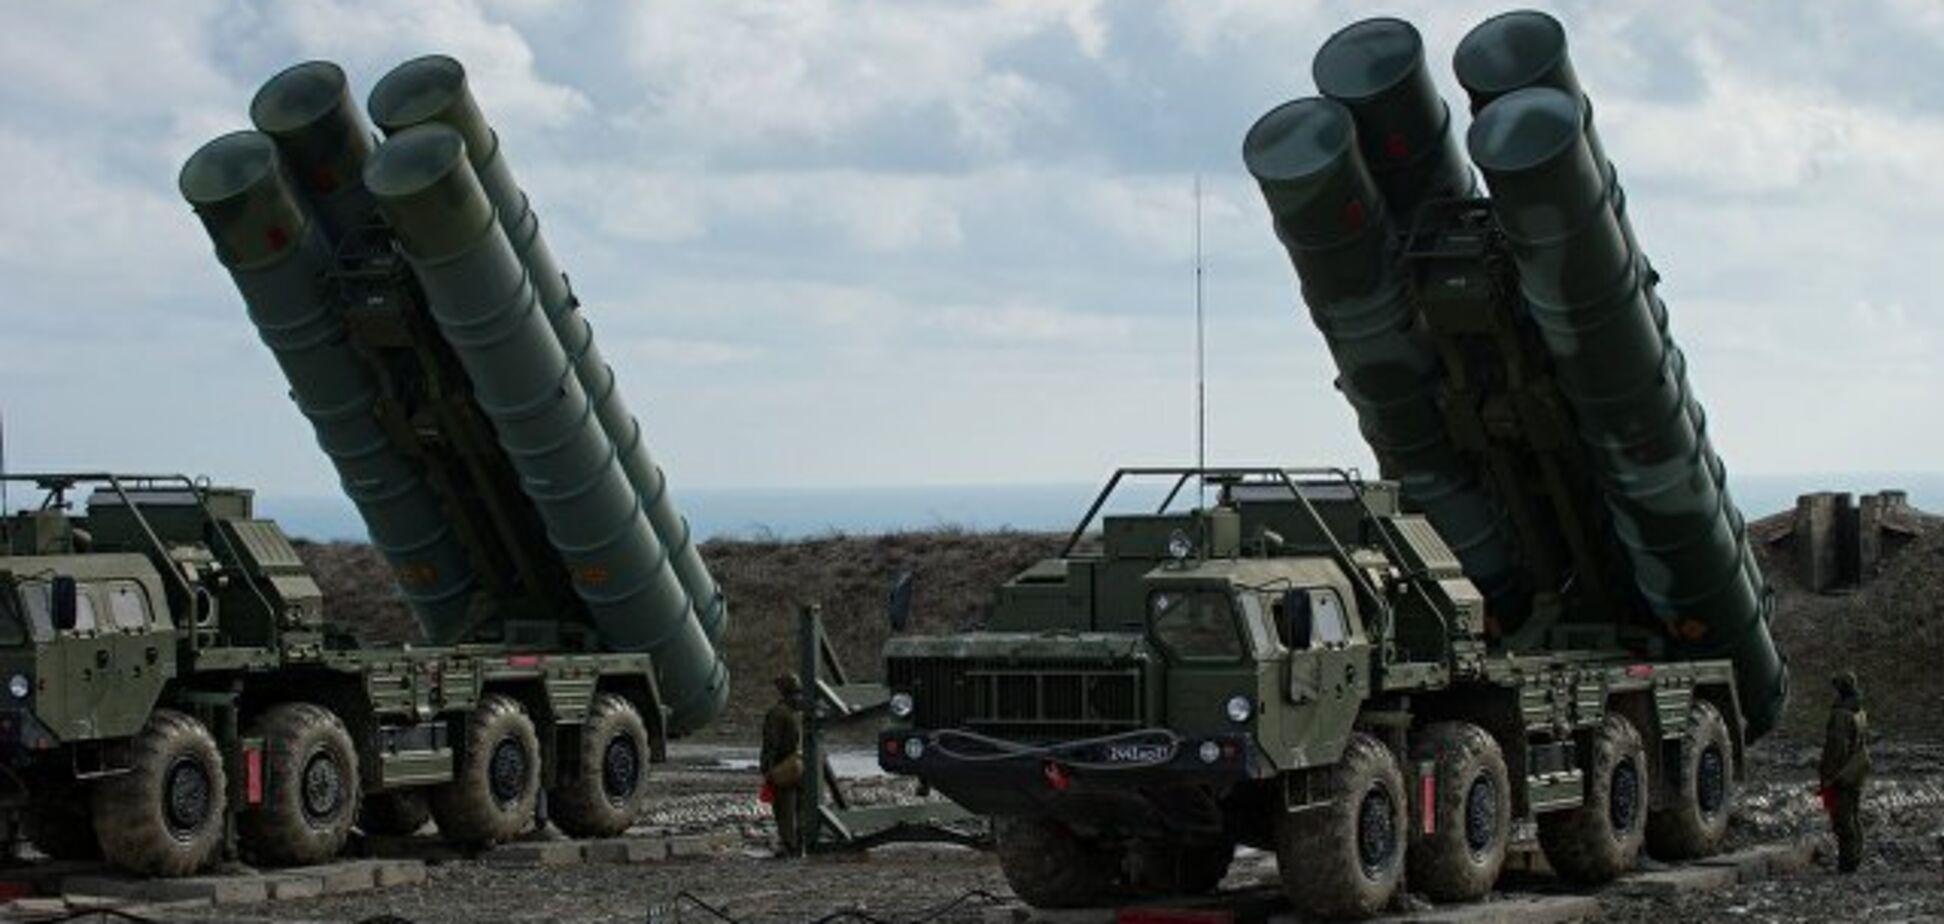 Окупанти закрили небо над Кримом ракетними установками: що відомо